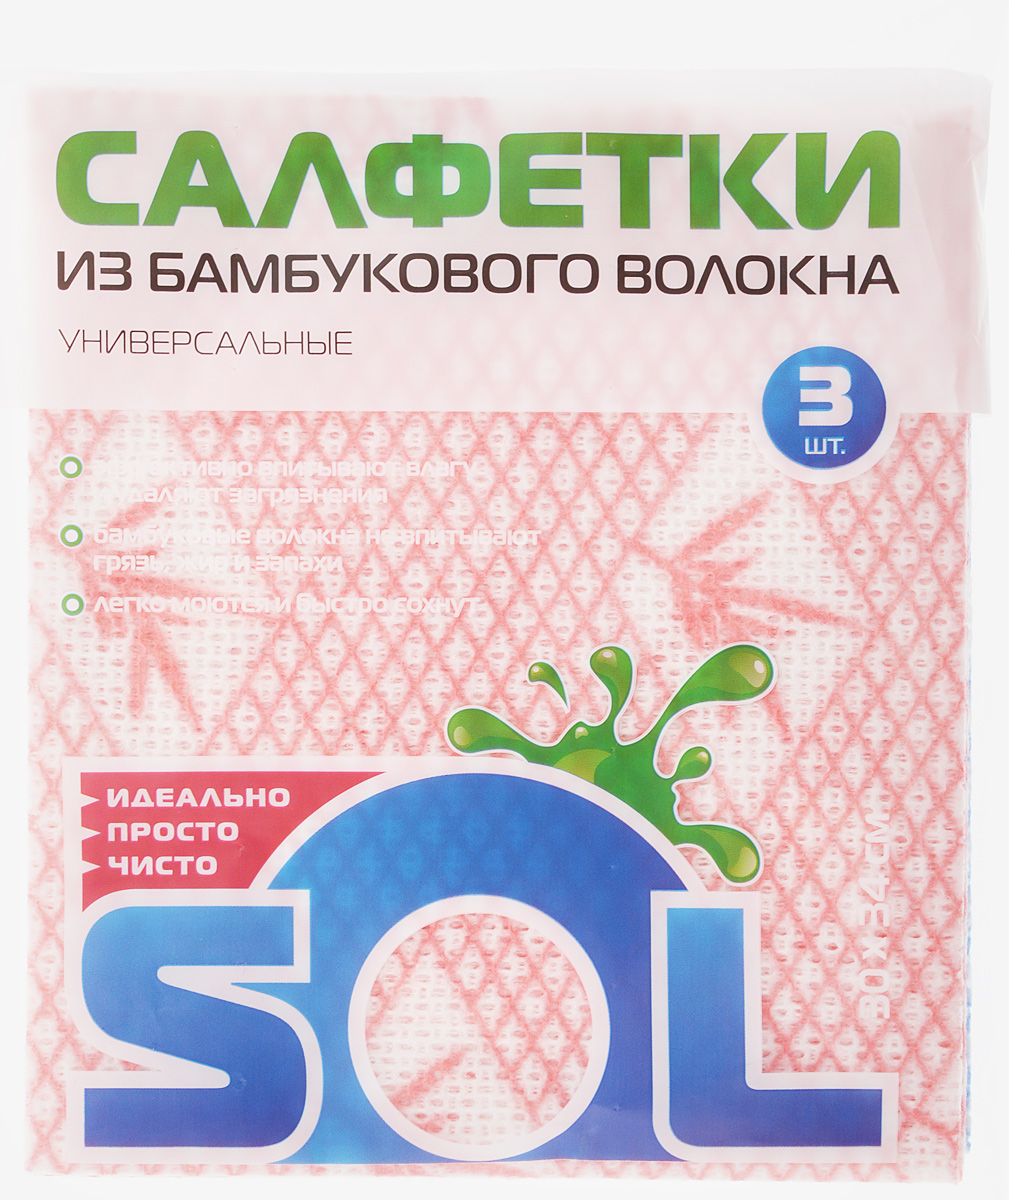 Салфетка для уборки Sol, из бамбукового волокна, цвет: розовый, голубой, 30 x 34 см, 3 шт10001/70007_розовый/голубойСалфетки Sol, выполненные из бамбукового волокна, вискозы и полиэстера, предназначены для уборки. Бамбуковое волокно - экологичный и безопасный для здоровья человека материал, не содержащий в своем составе никаких химических добавок, синтетических материалов и примесей. Благодаря трубчатой структуре волокон, жир и грязь не впитываются в ткань, легко вымываются под струей водой.Рекомендации по уходу:Бамбуковые салфетки не требуют особого ухода. После каждого использования их рекомендуется промыть под струей воды и просушить. Не рекомендуется сушить салфетки на батарее.Размер салфетки: 30 х 34 см.